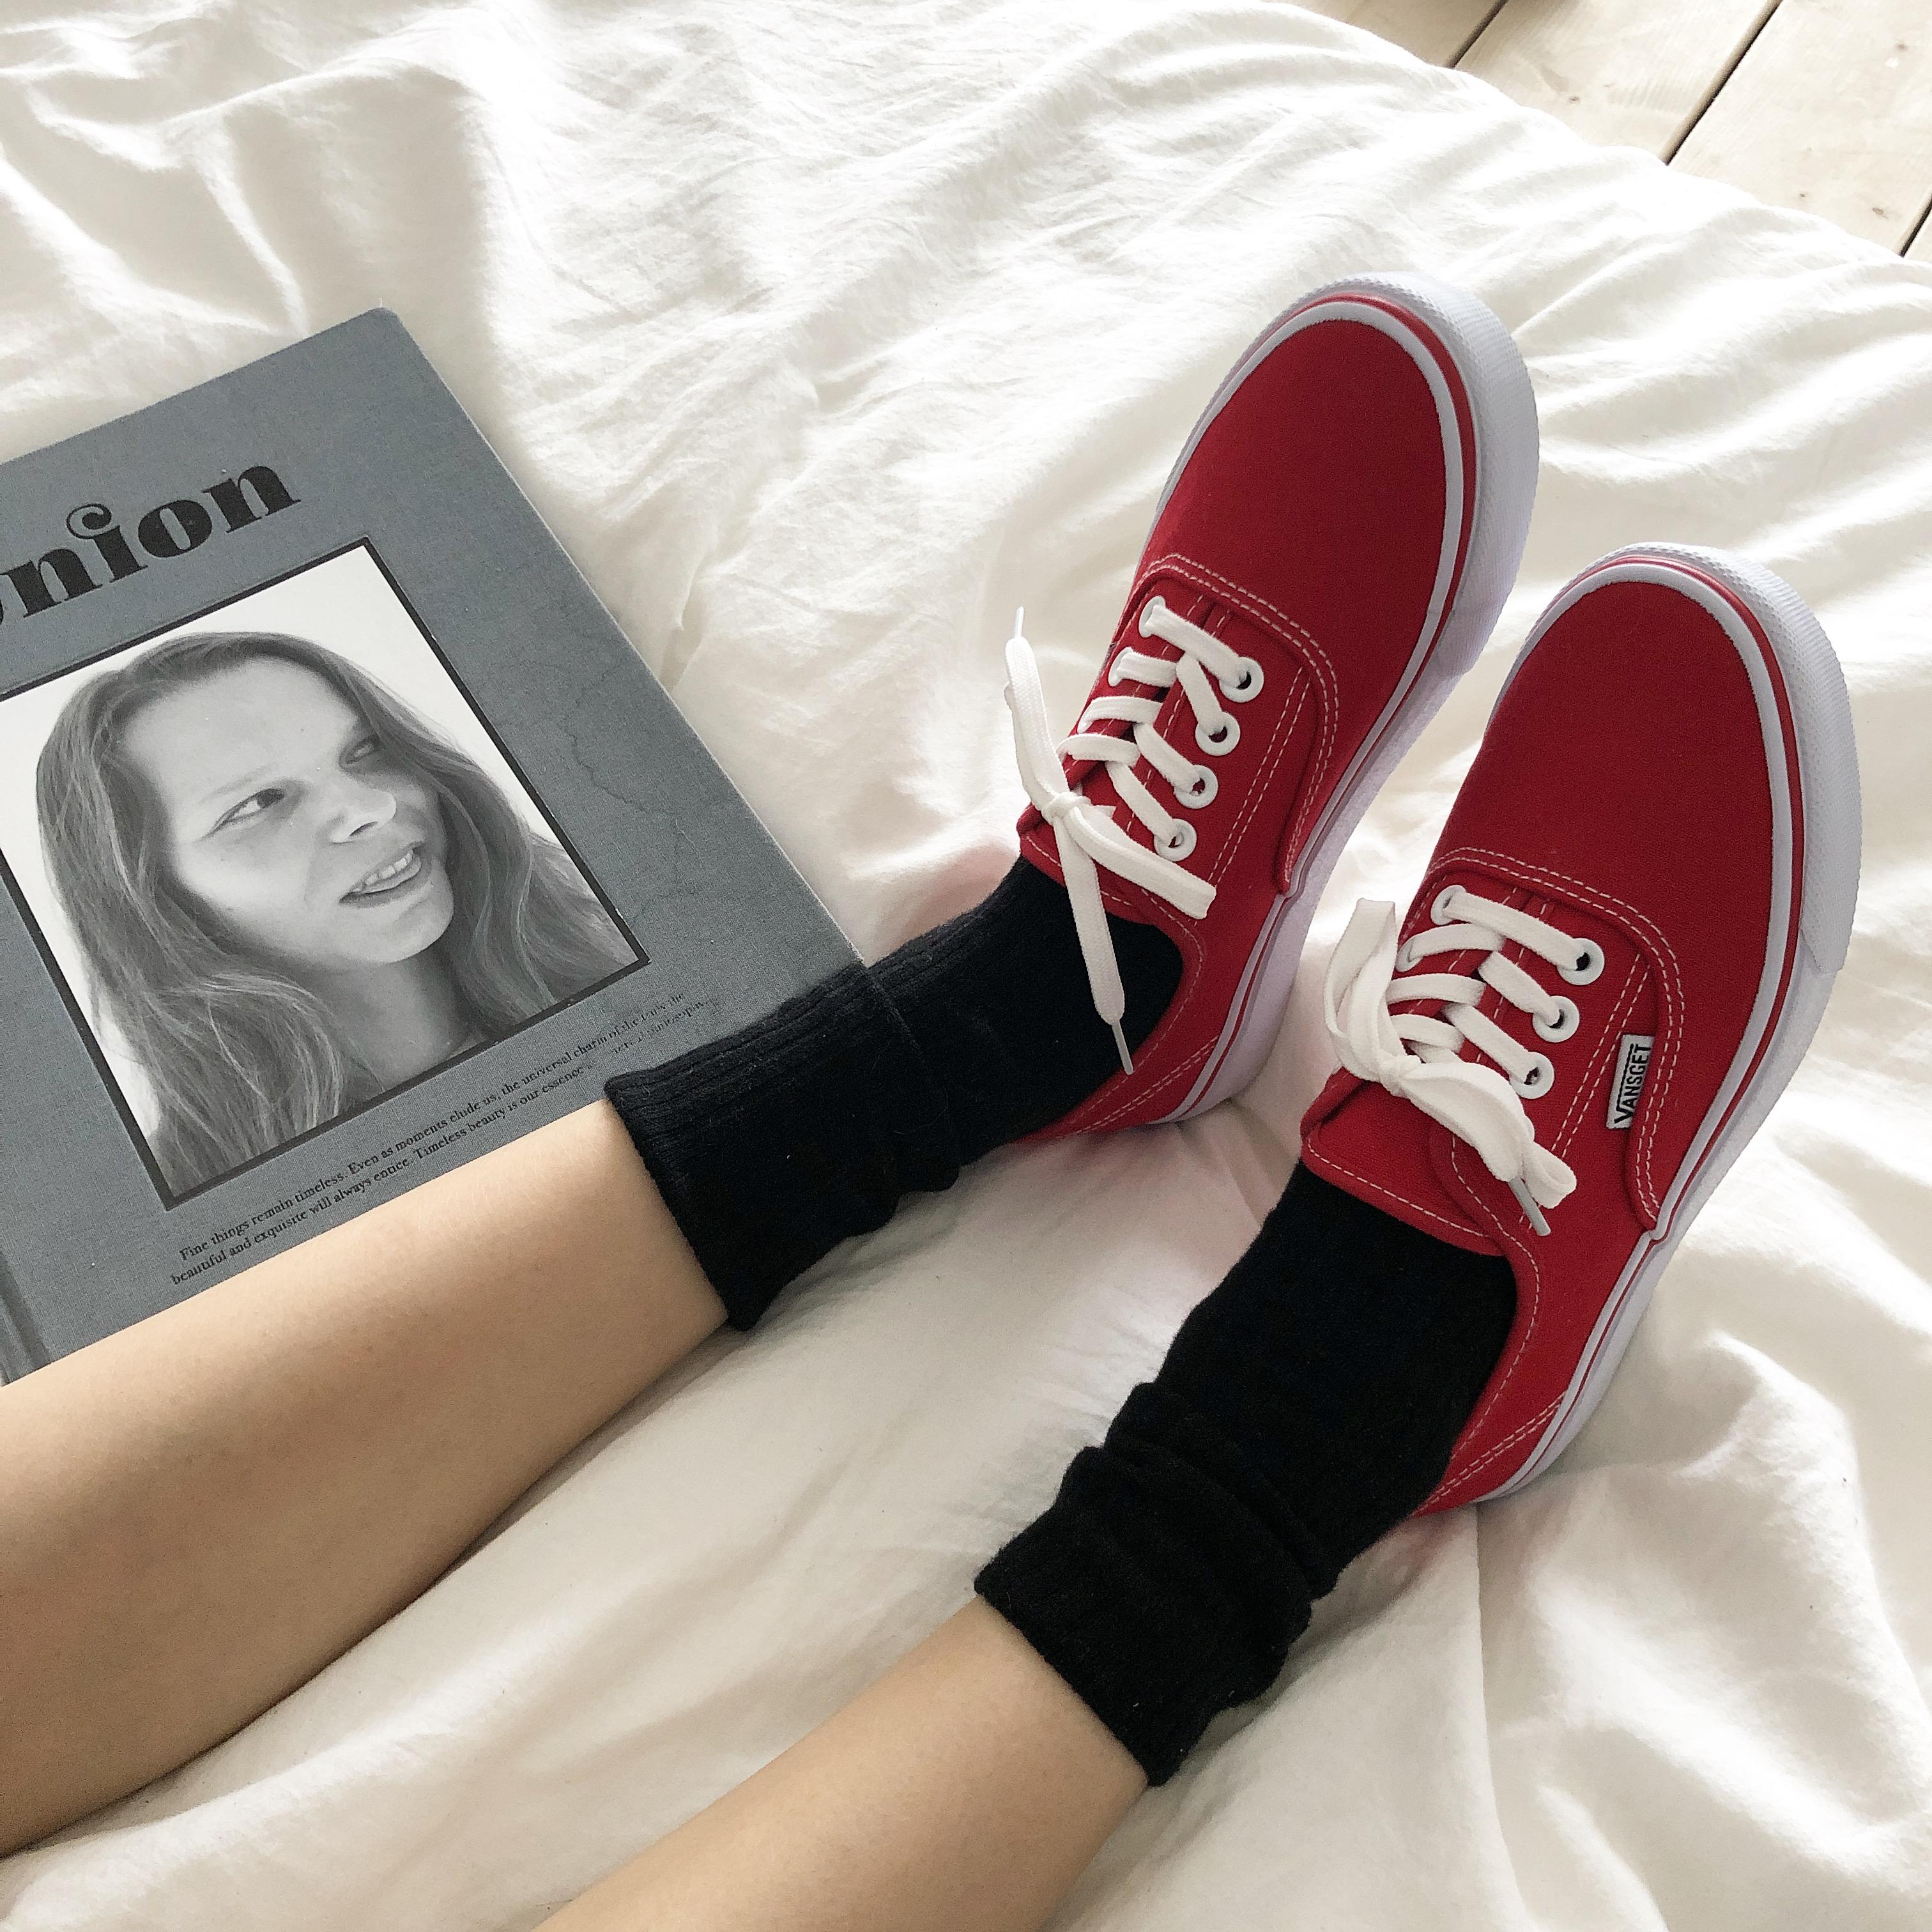 红色帆布鞋 许刘芒 韩国ulzzang百搭休闲红色帆布鞋女情侣滑板鞋学生男休闲鞋_推荐淘宝好看的红色帆布鞋